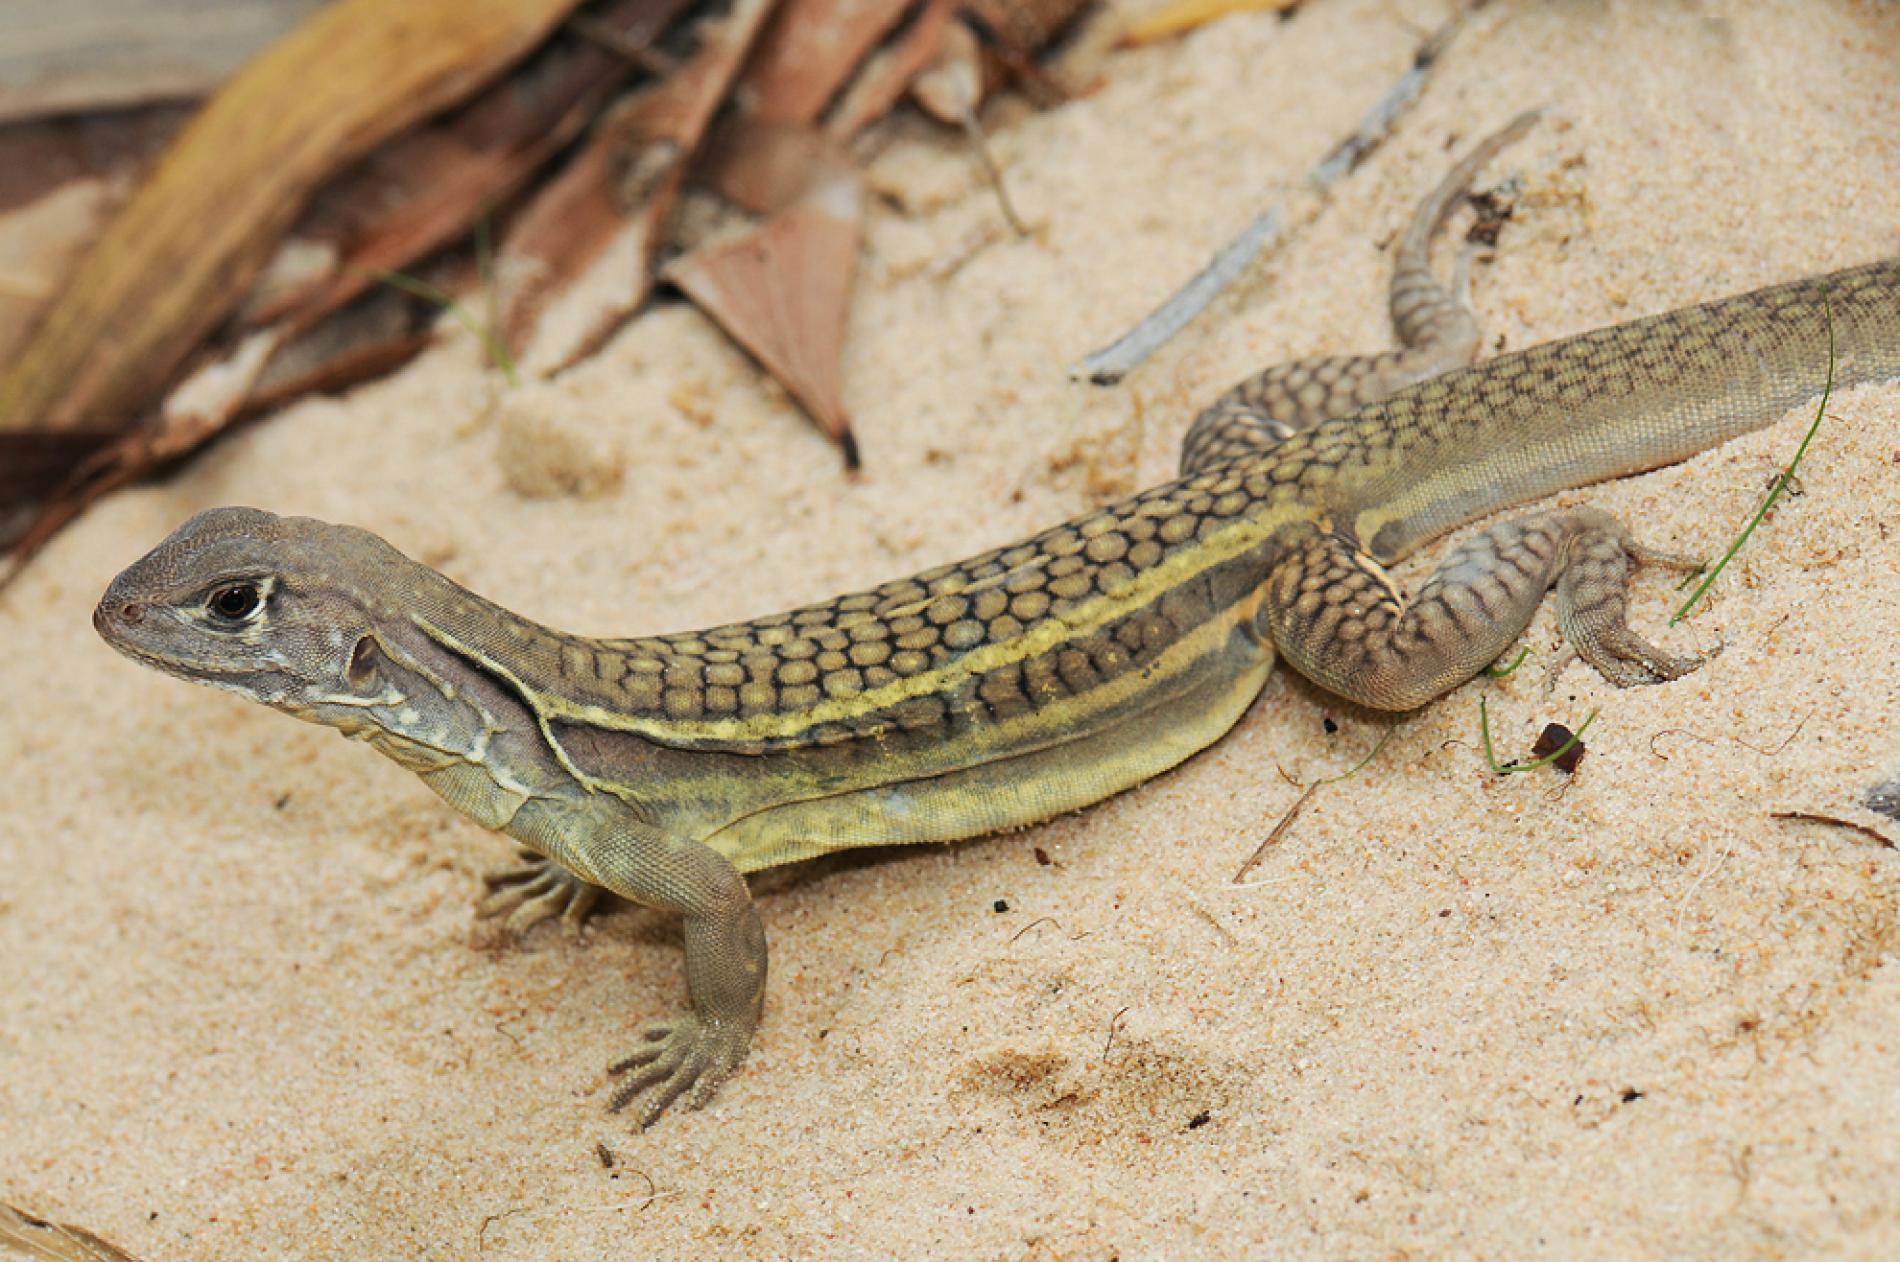 """23. Handwerk, Brian. """"New Self-Cloning Lizard Found in Vietnam Restaurant."""" National Geographic, National Geographic Society, 10 Nov. 2010, news.nationalgeographic.com/news/ 2010/11/101108-new-lizard-virgin-birth-vietnam-science-animals/."""